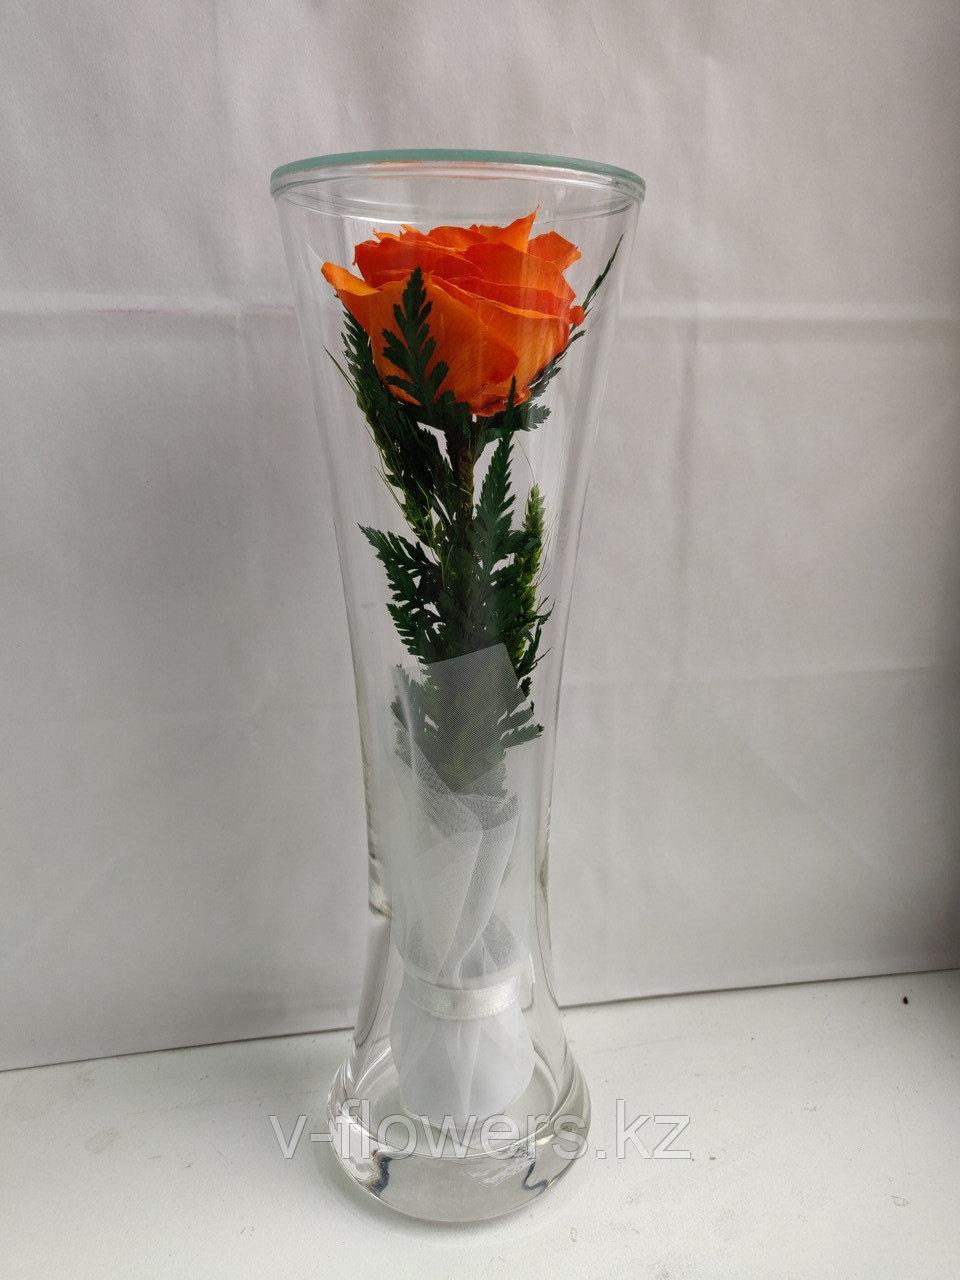 Живые цветы в стекле CuHRo